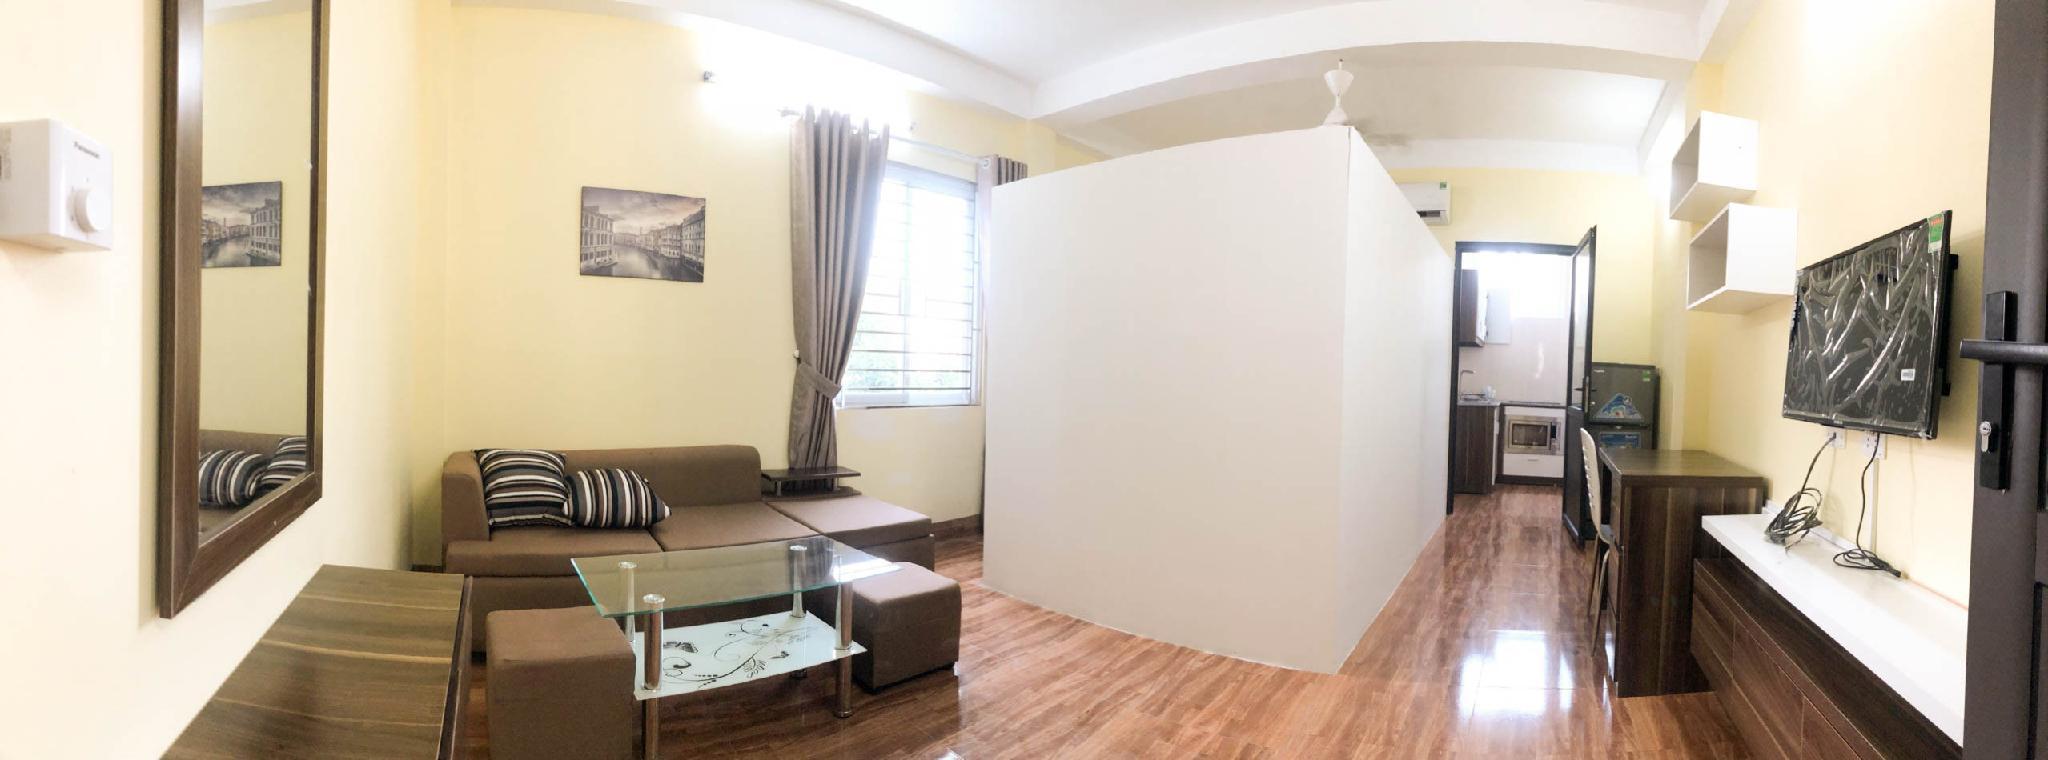 Deluxe Cozy Room